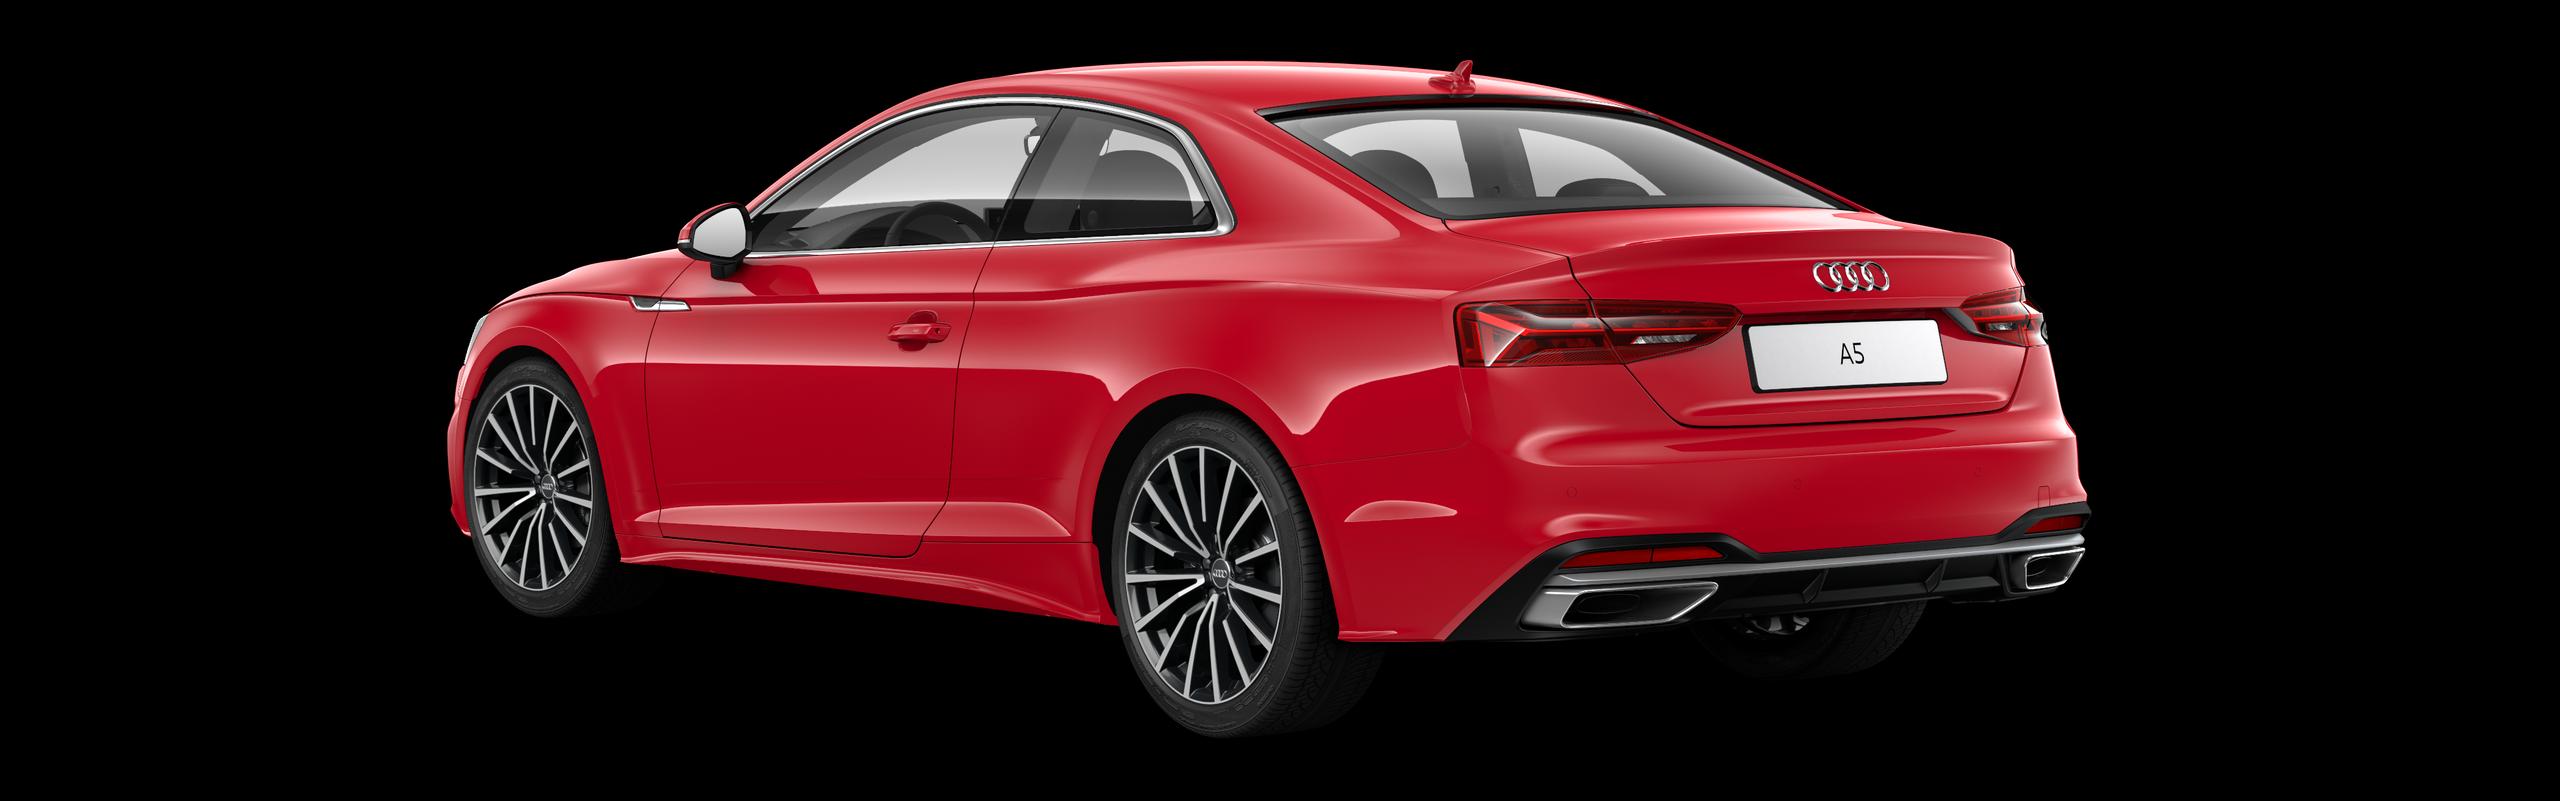 AUDI A5 COUPÉ 40 TDI S-TRONIC - červená Tango metalíza